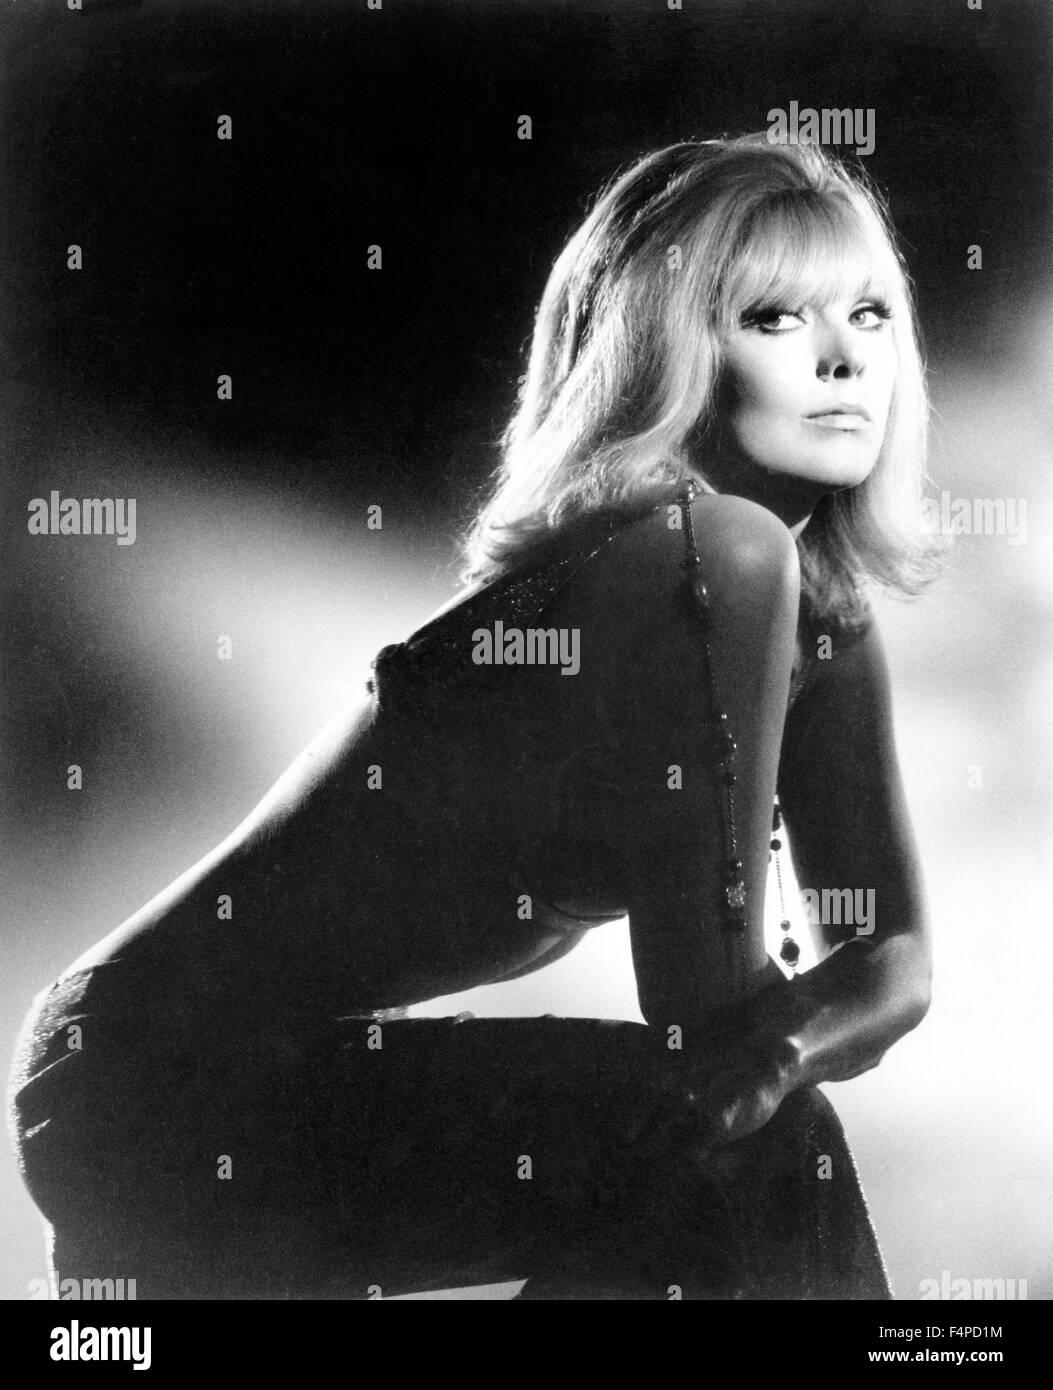 Kim Novak / The Legend Of Lylah Clare 1968 réalisé par Robert Aldrich Photo Stock